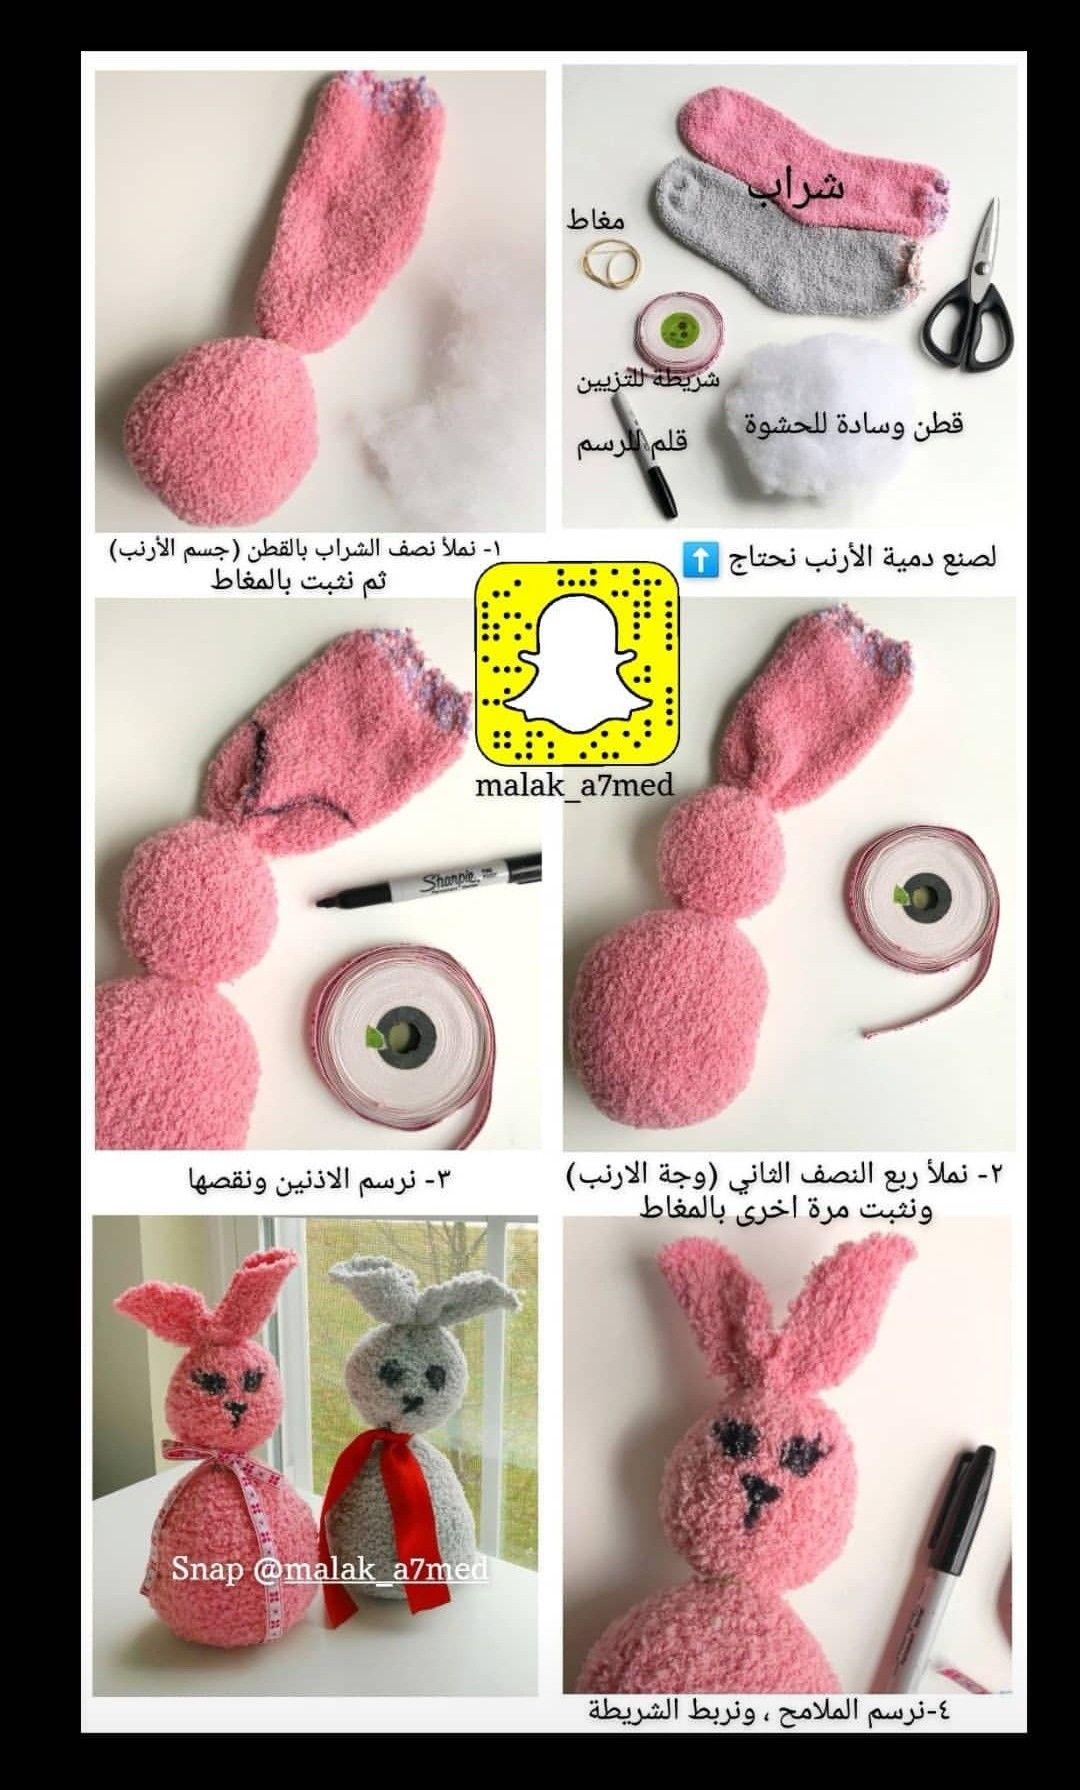 د مية الأرنب Diy Socks Bunny Activities For Kids Activities Crafts